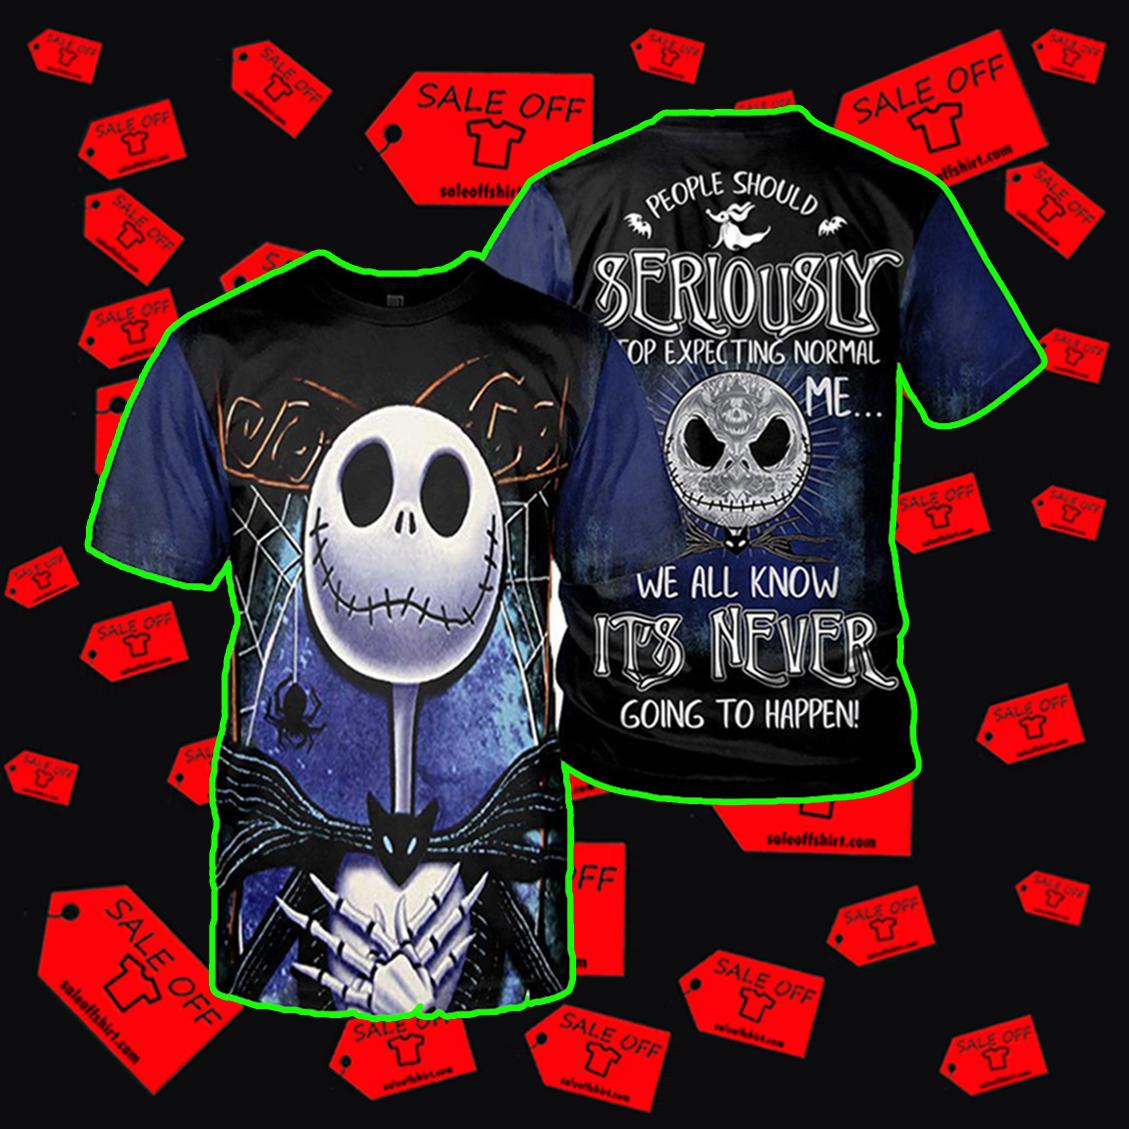 Jack Skellington People Should Seriously Hoodie 3D, T-shirt 3D, Sweatshirt 3D - T-shirt 3D